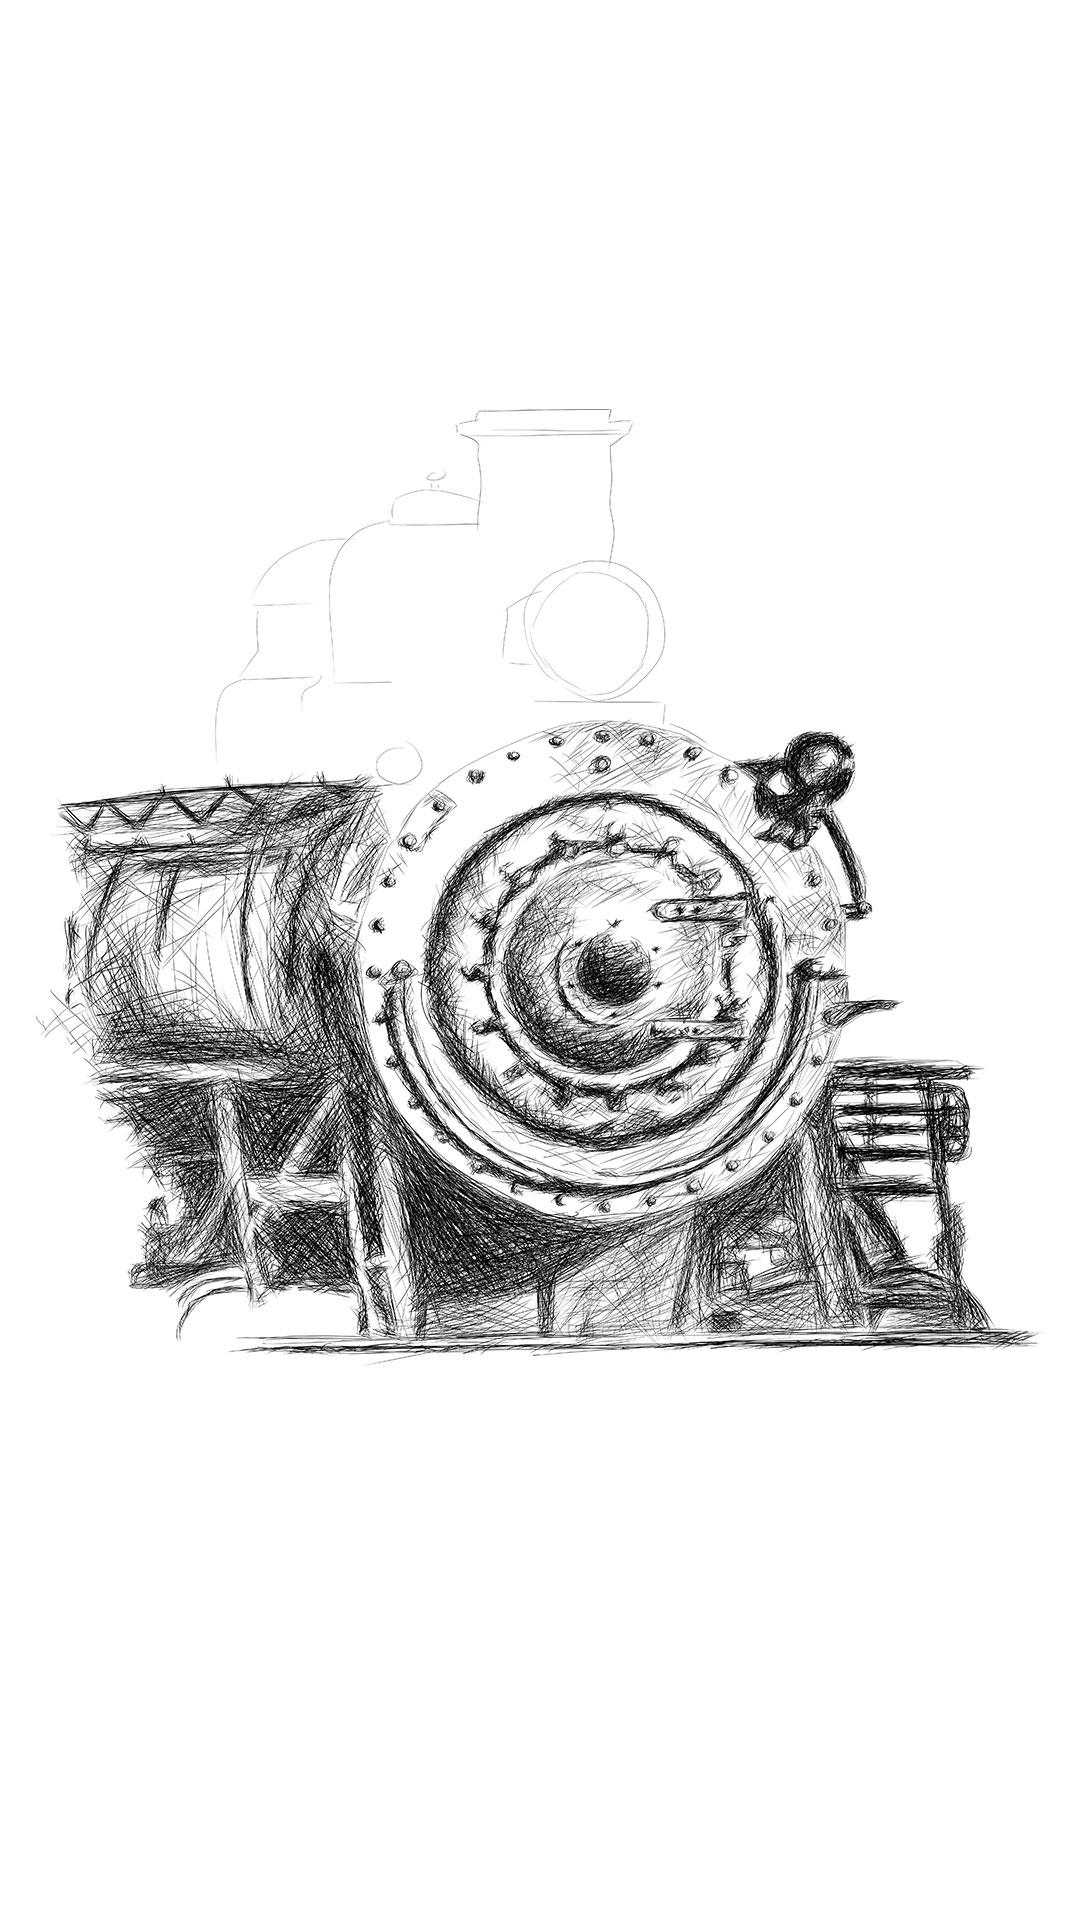 Orient Express train illustration digital pencil lines איור קטר רכבת עיפרון דיגיטלי process2